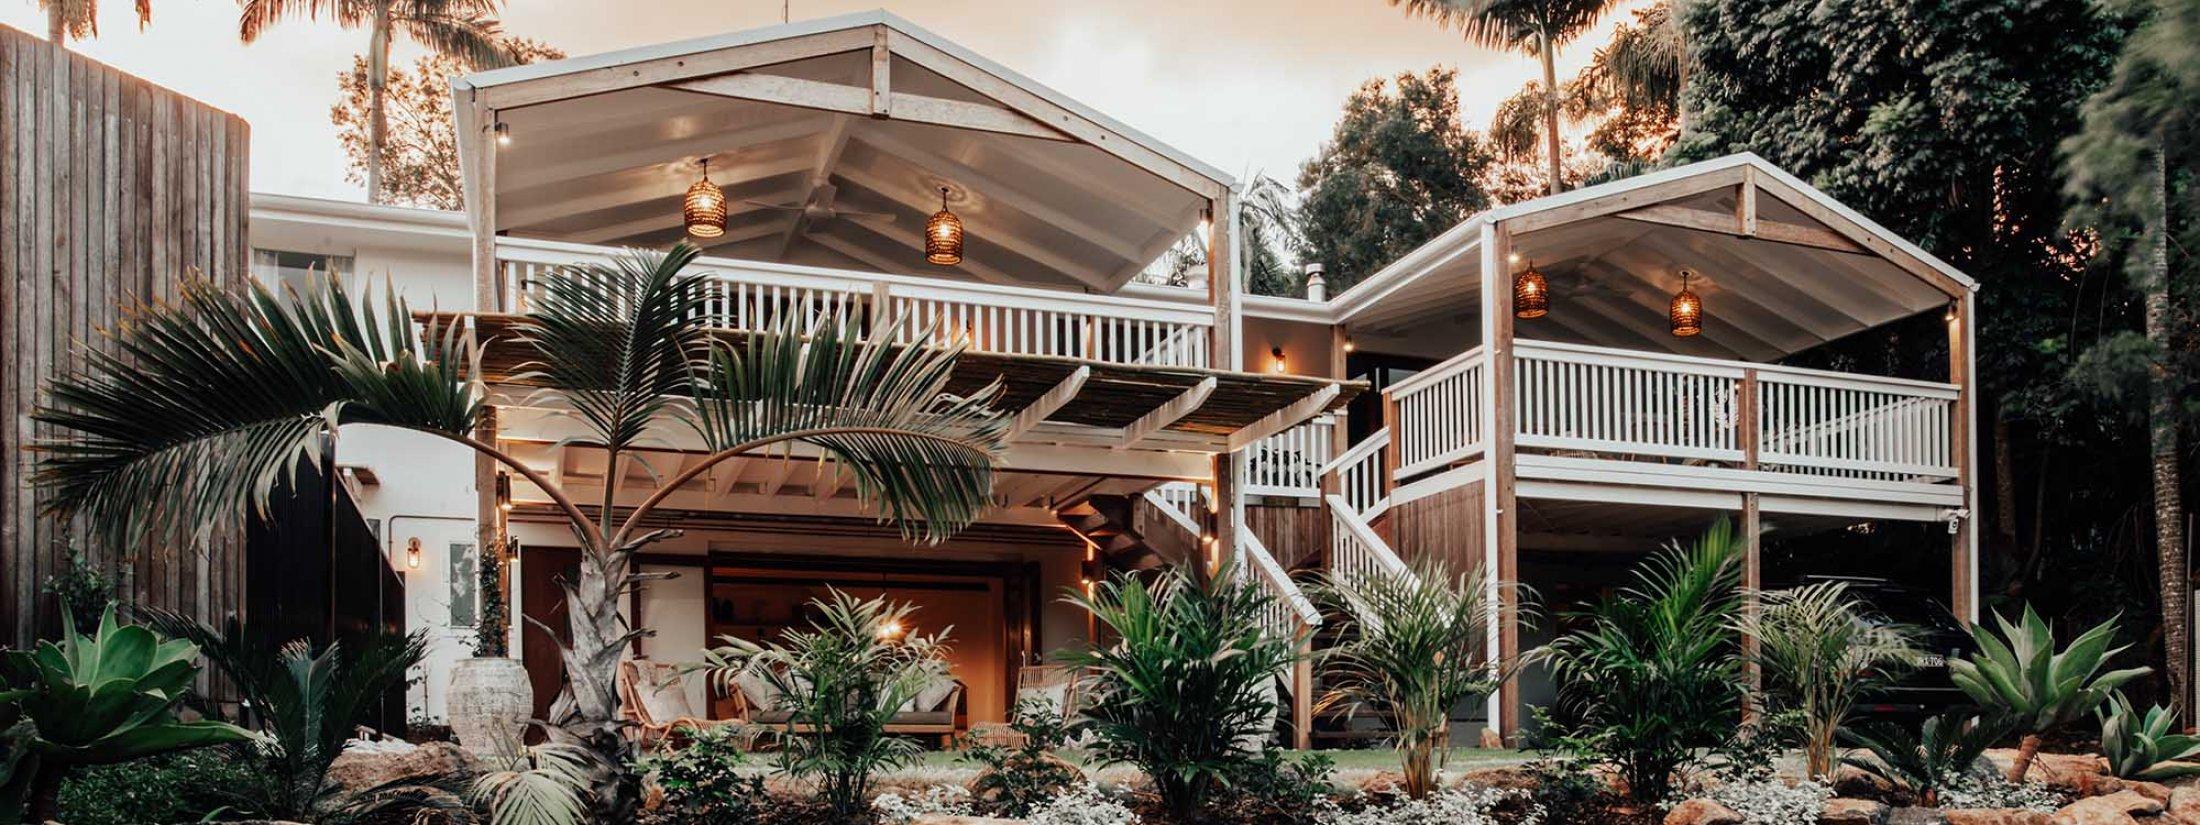 Ohana Hale - Byron Bay - Back of House